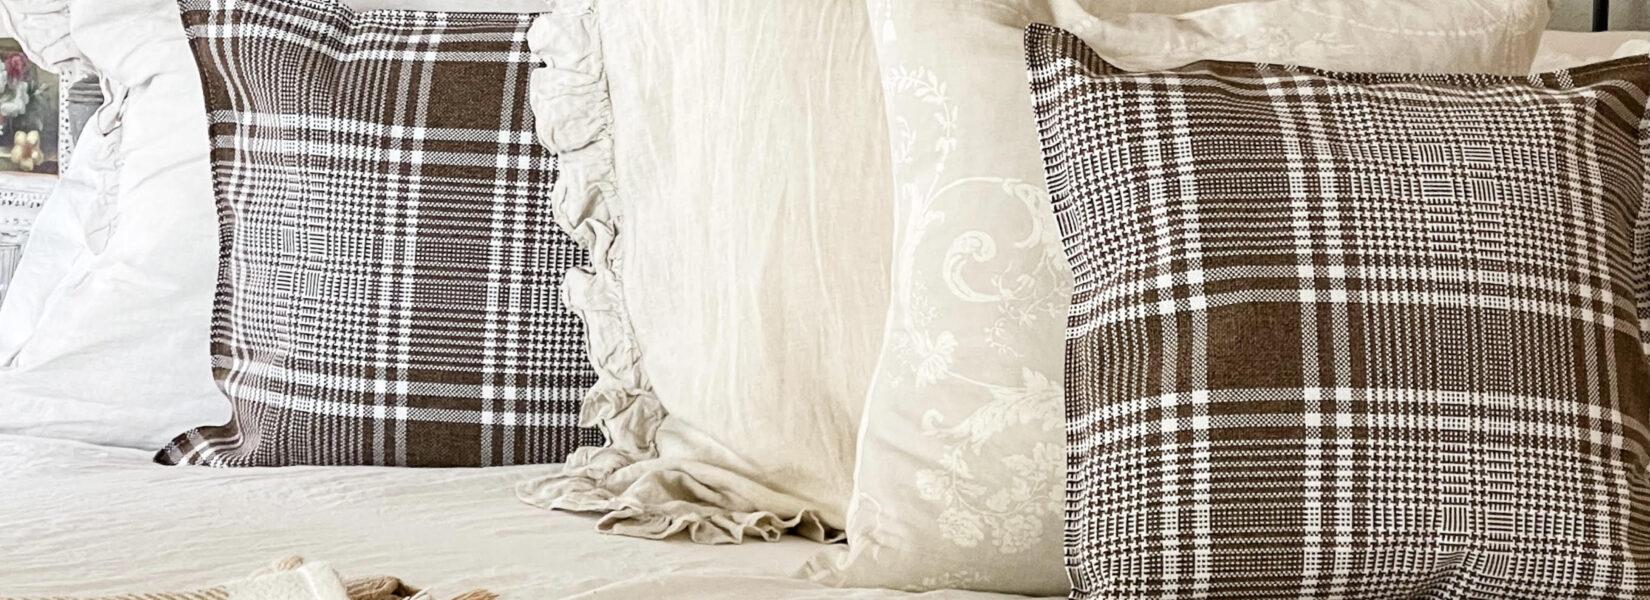 3 cozy bedroom ideas